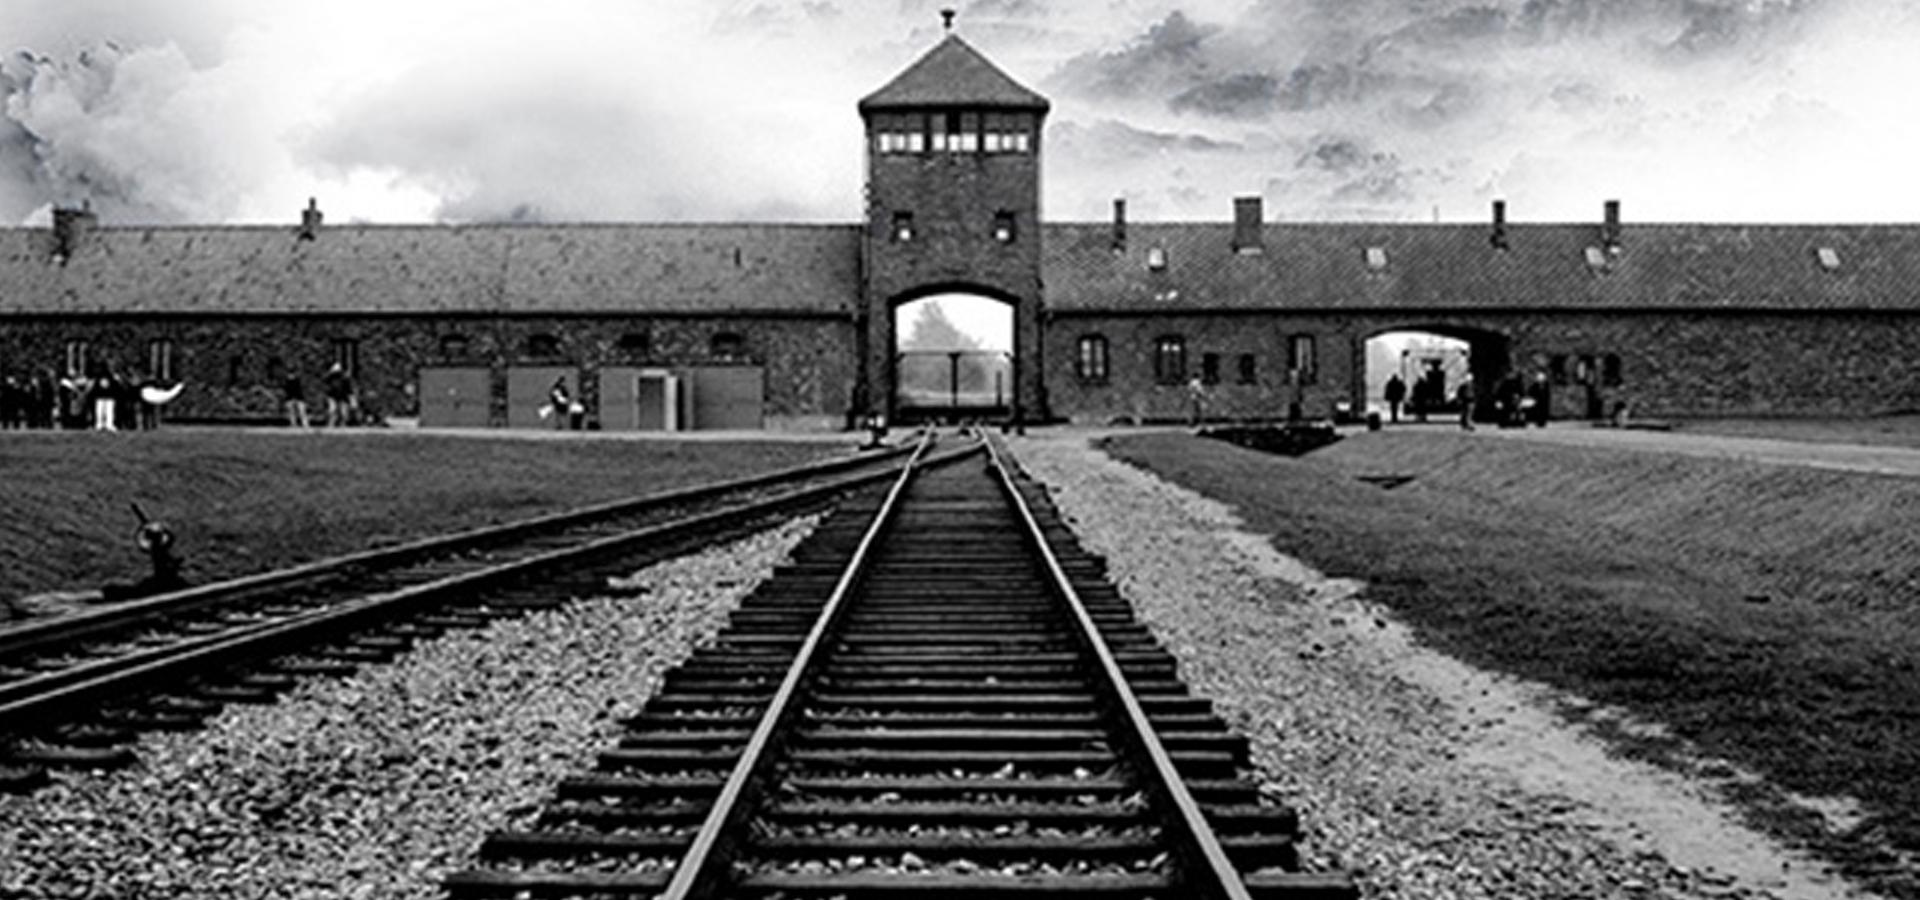 http://media.medias-presse.info/wp-content/uploads/2016/07/Auschwitz.jpg